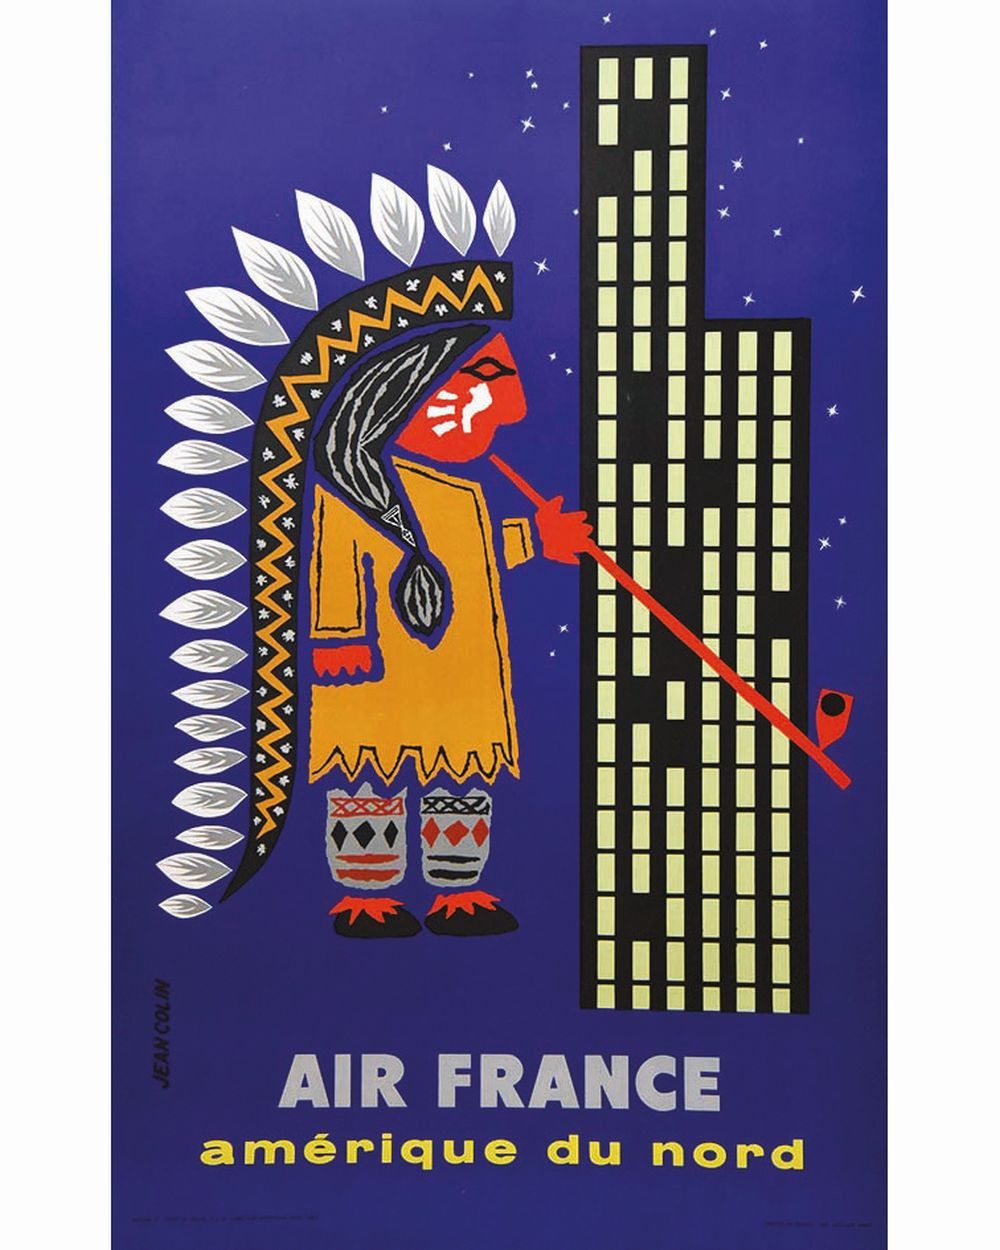 COLIN JEAN - Amérique du Nord Air France     1956